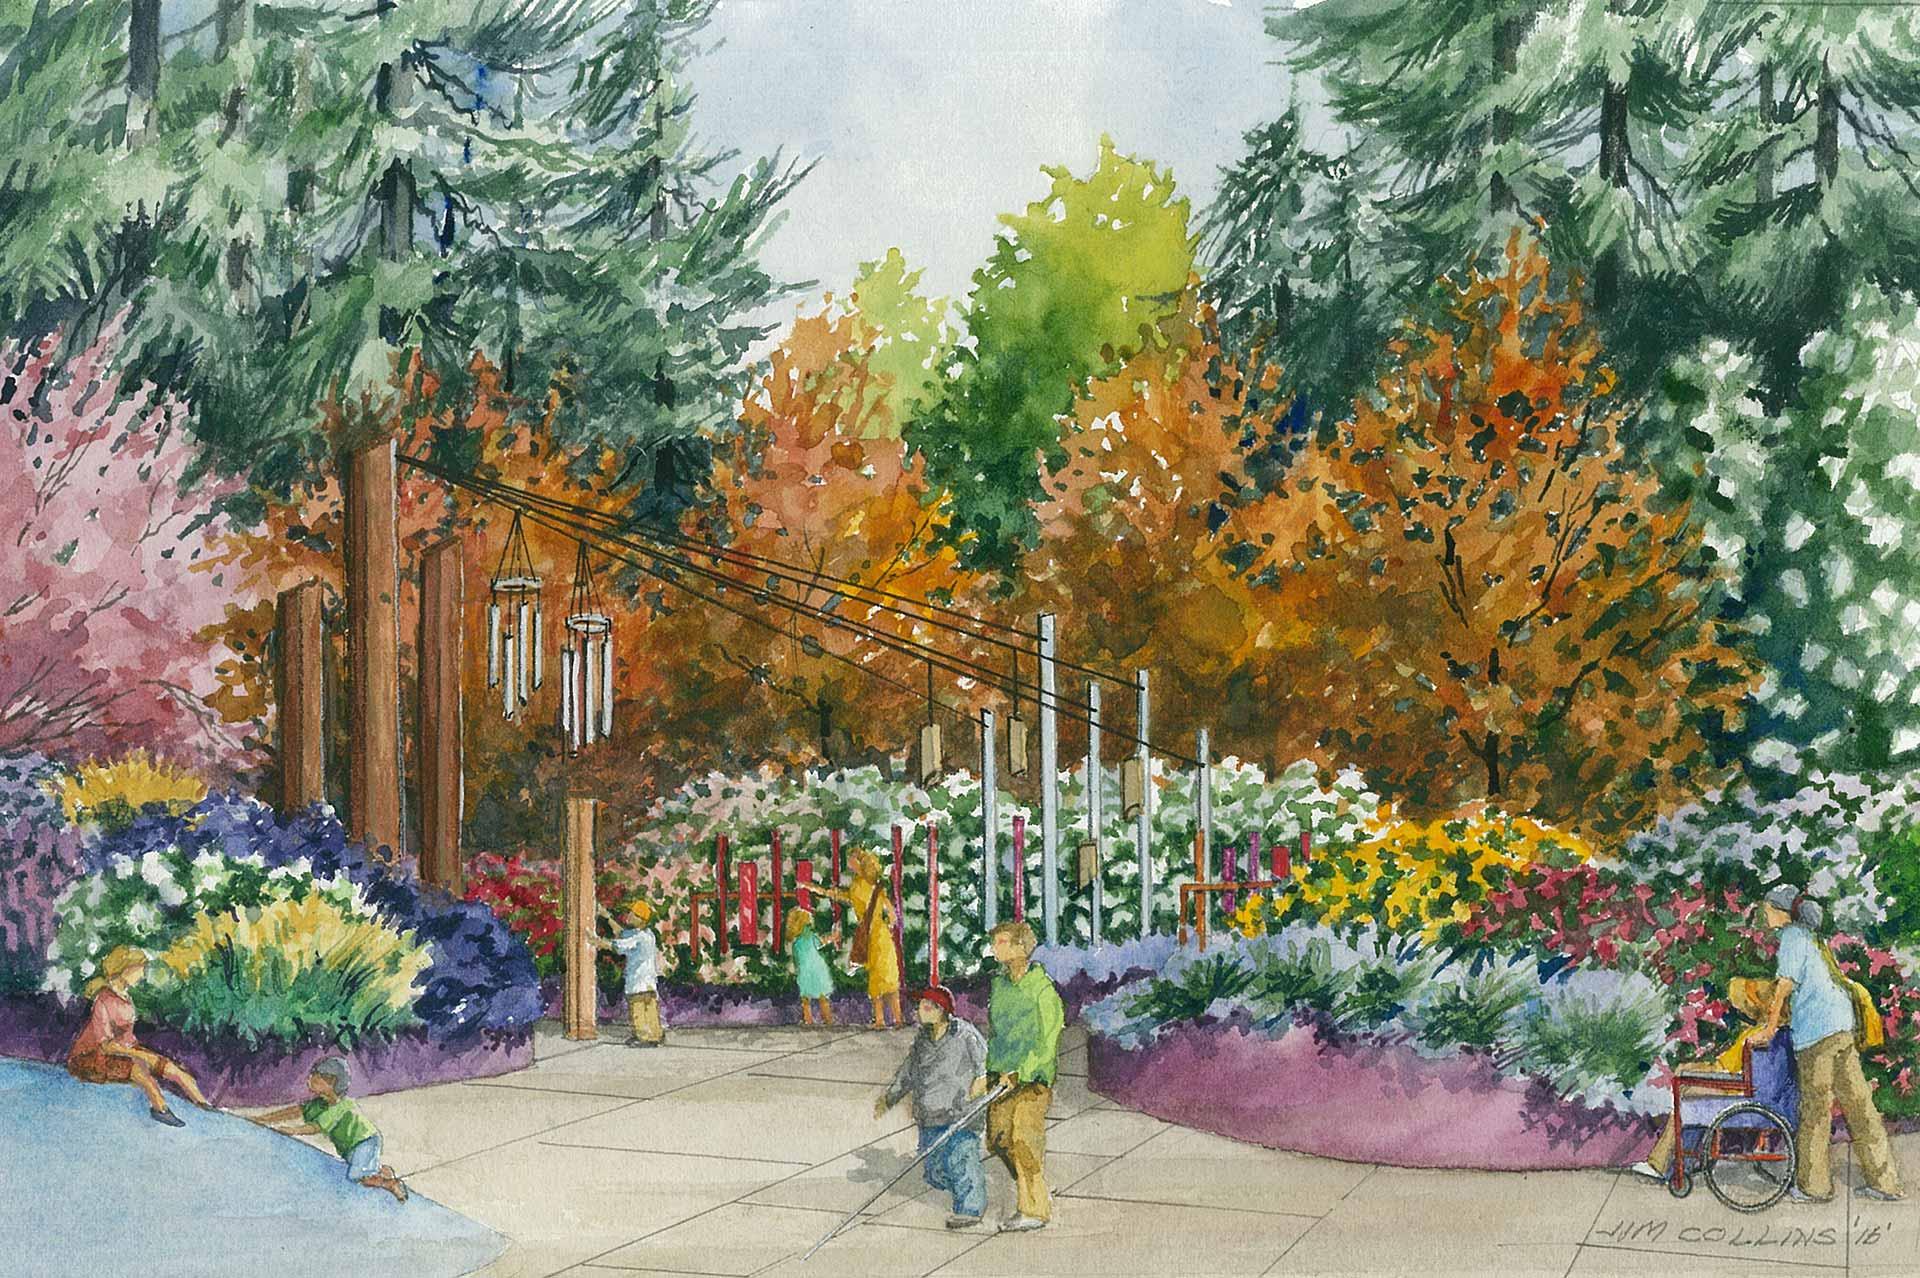 Woodland Park Zoo Sensory Garden on King 5 News | Fischer Bouma ...